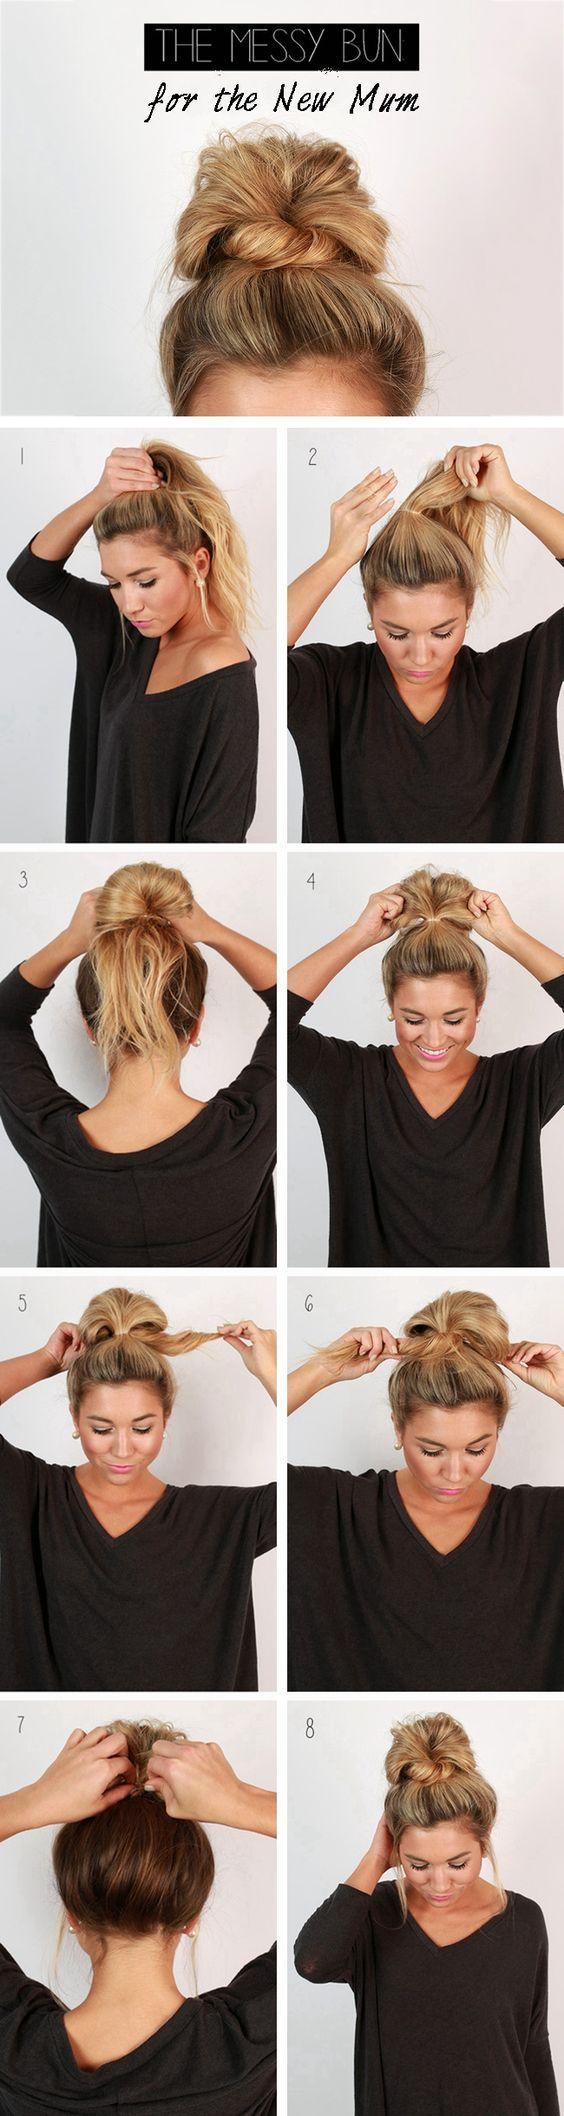 tuto coiffure facile, exemple de chignon facile à réaliser à partir une queue de cheval, mèches laissées tomber autour du visage